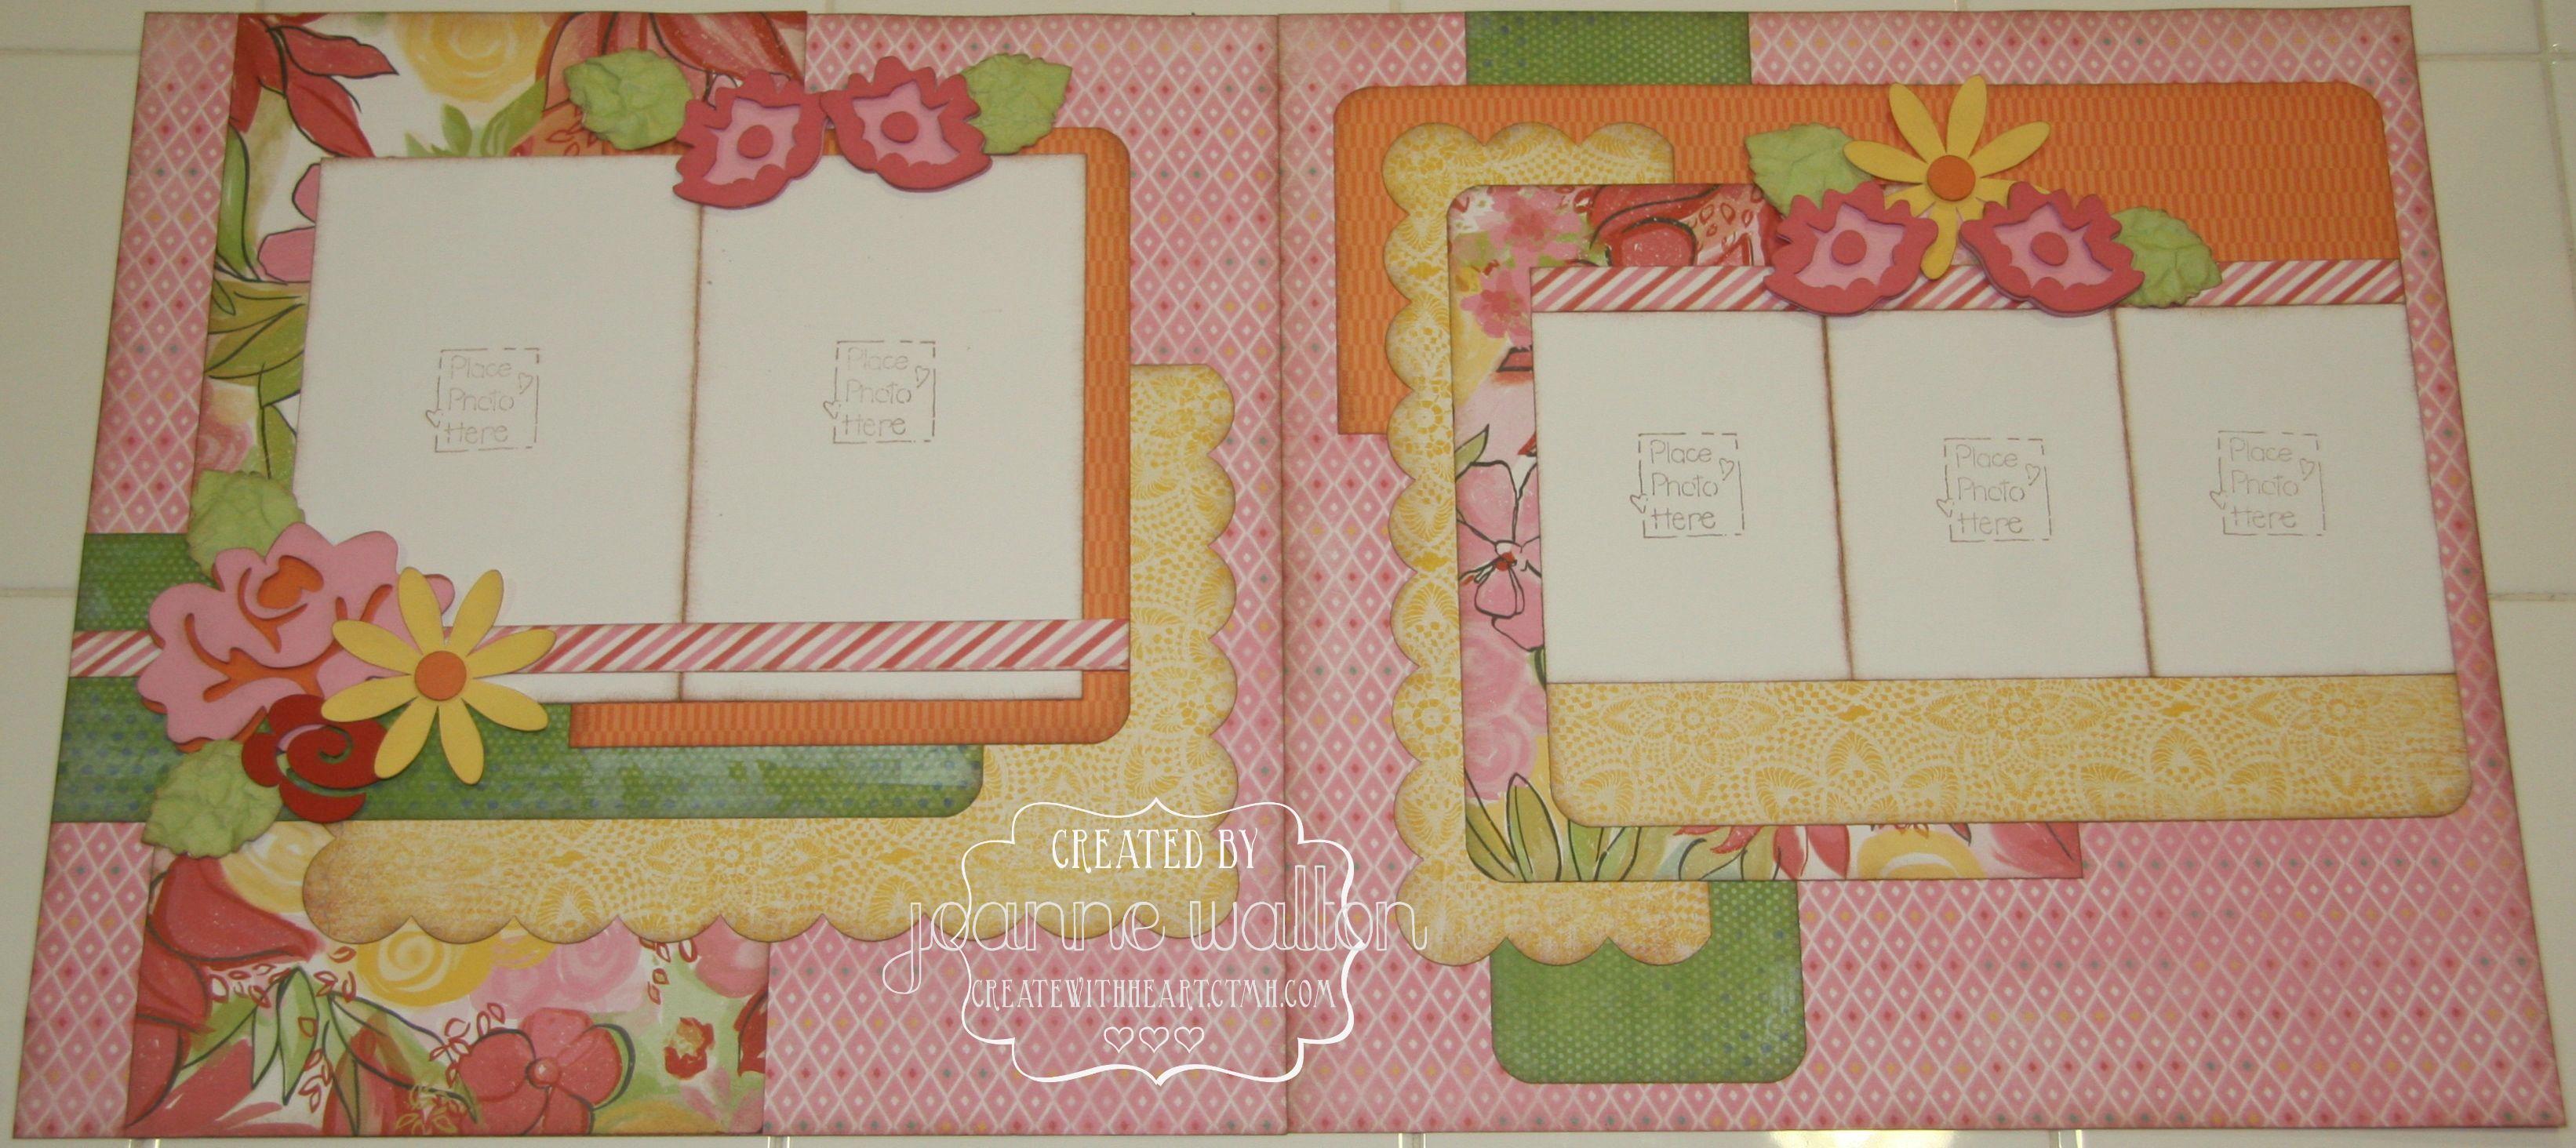 Scrapbook ideas no pictures - Scrapbook Layouts